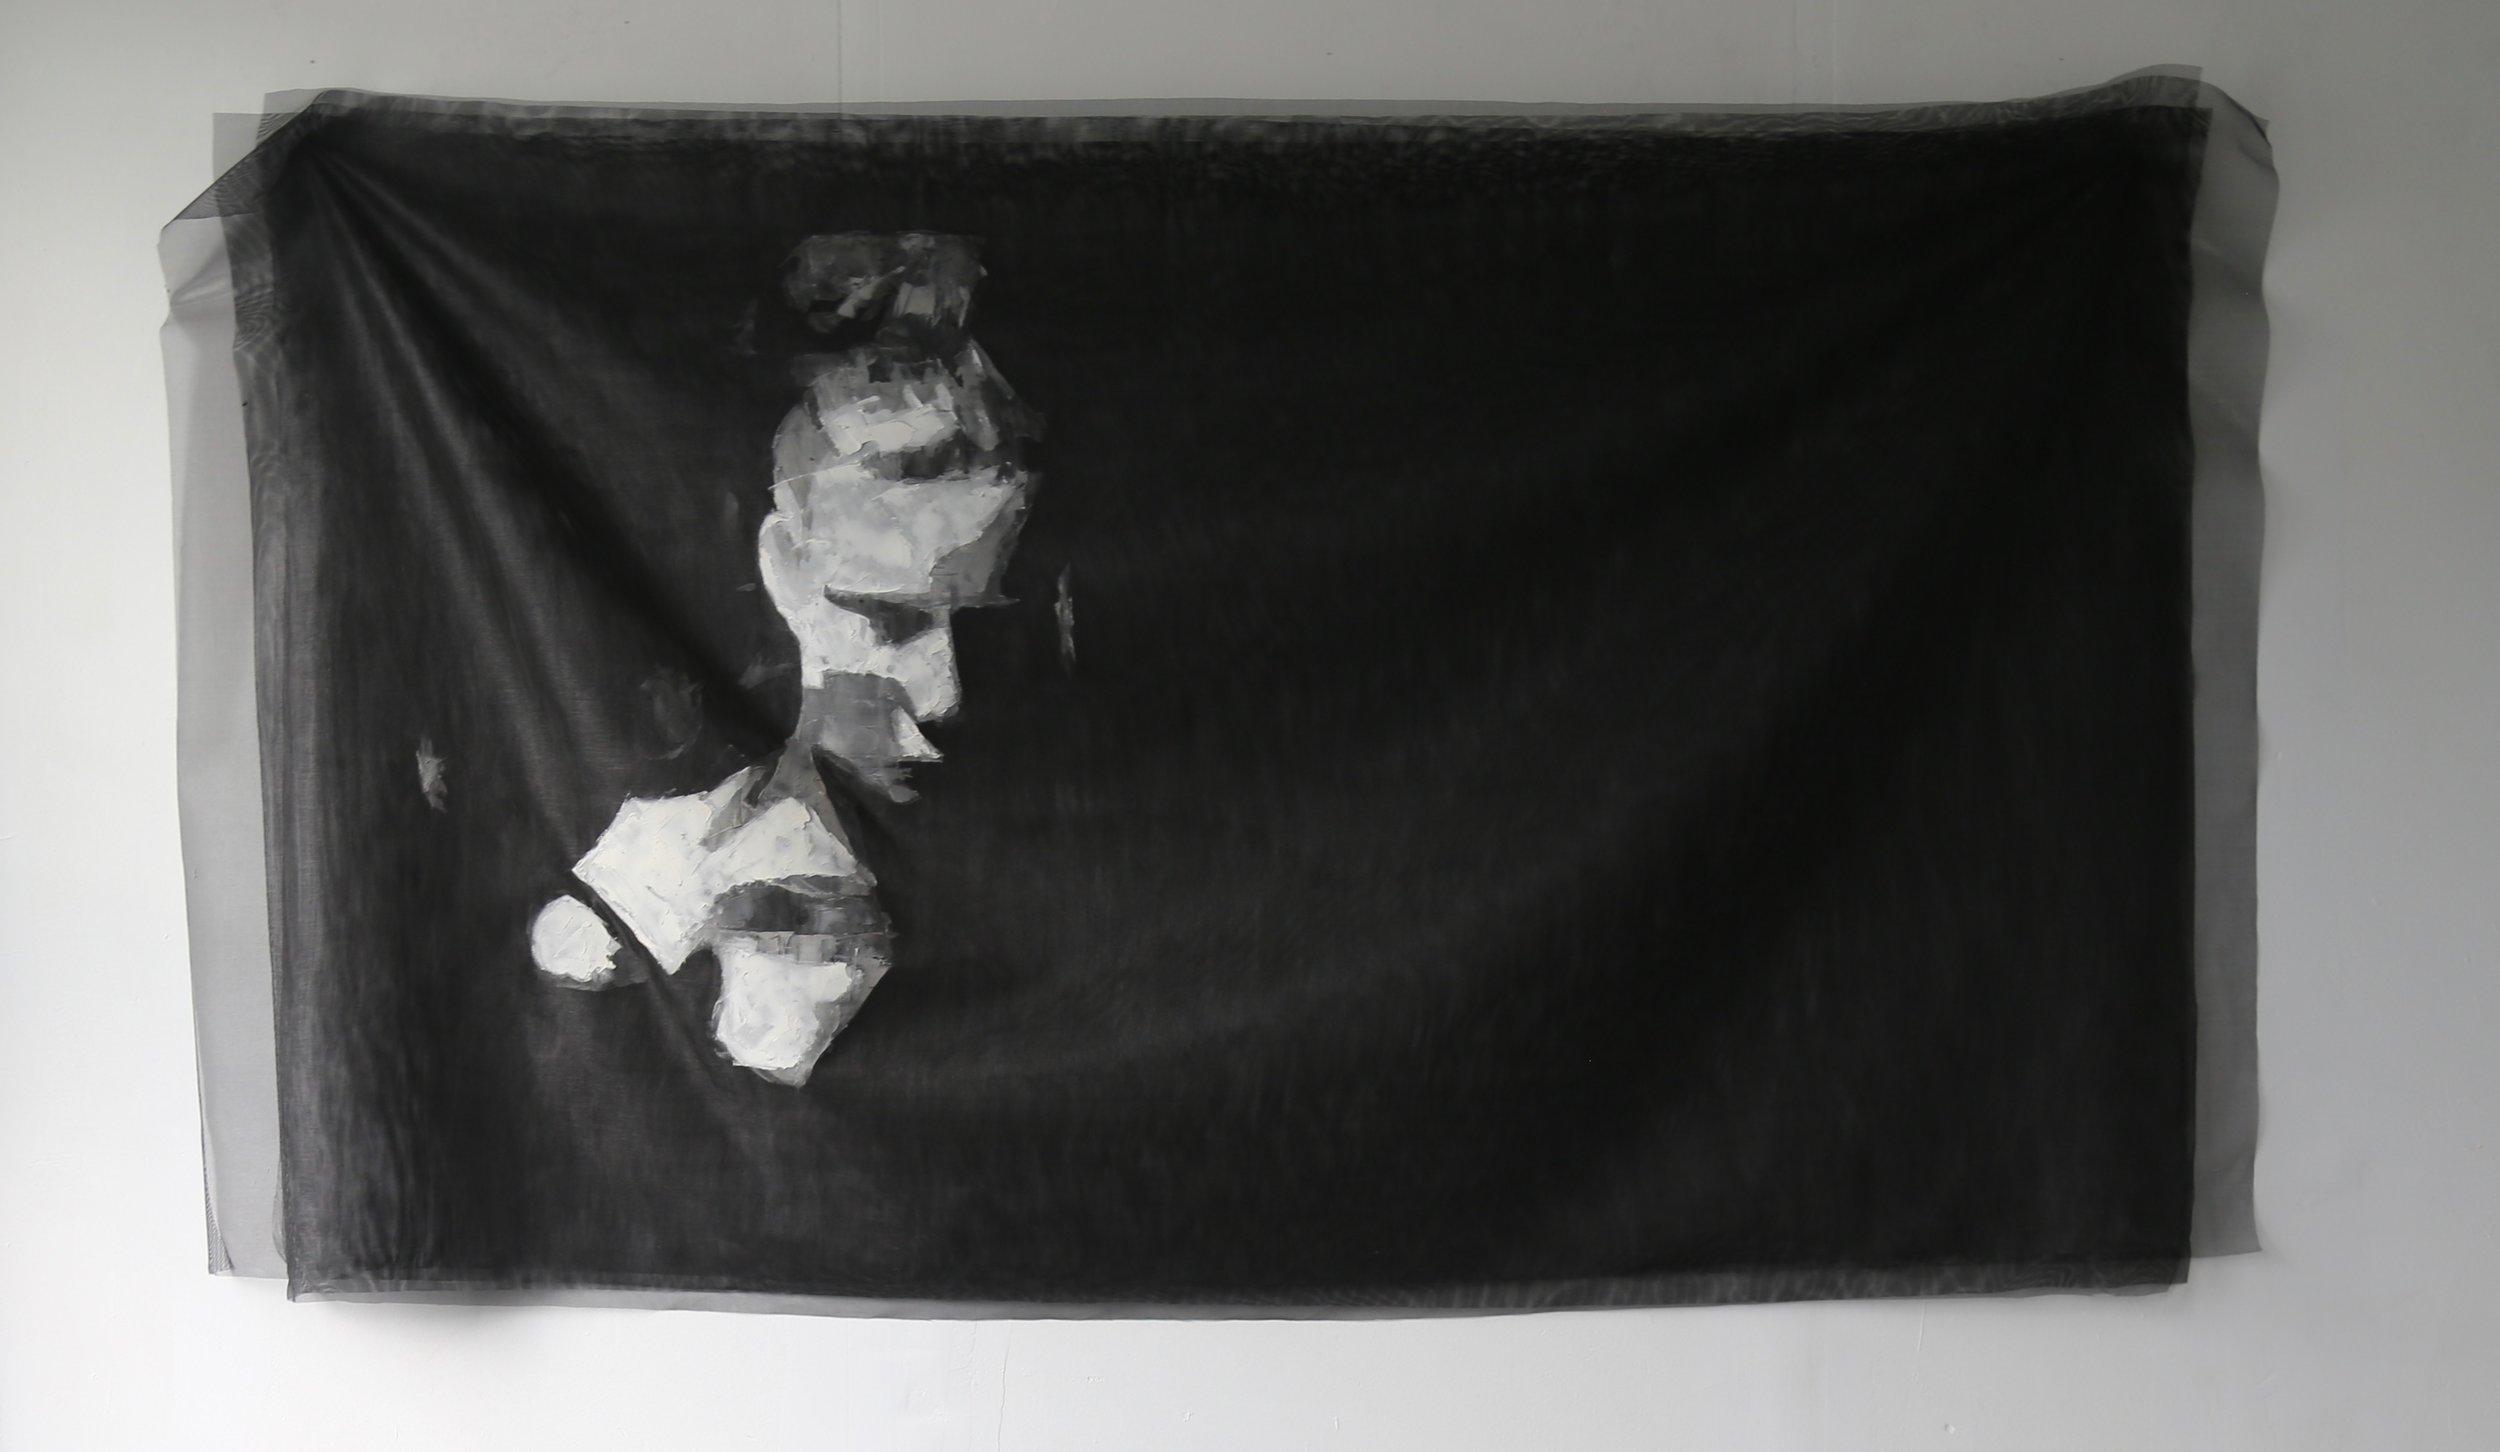 Untitled (Portrait Left), 2006